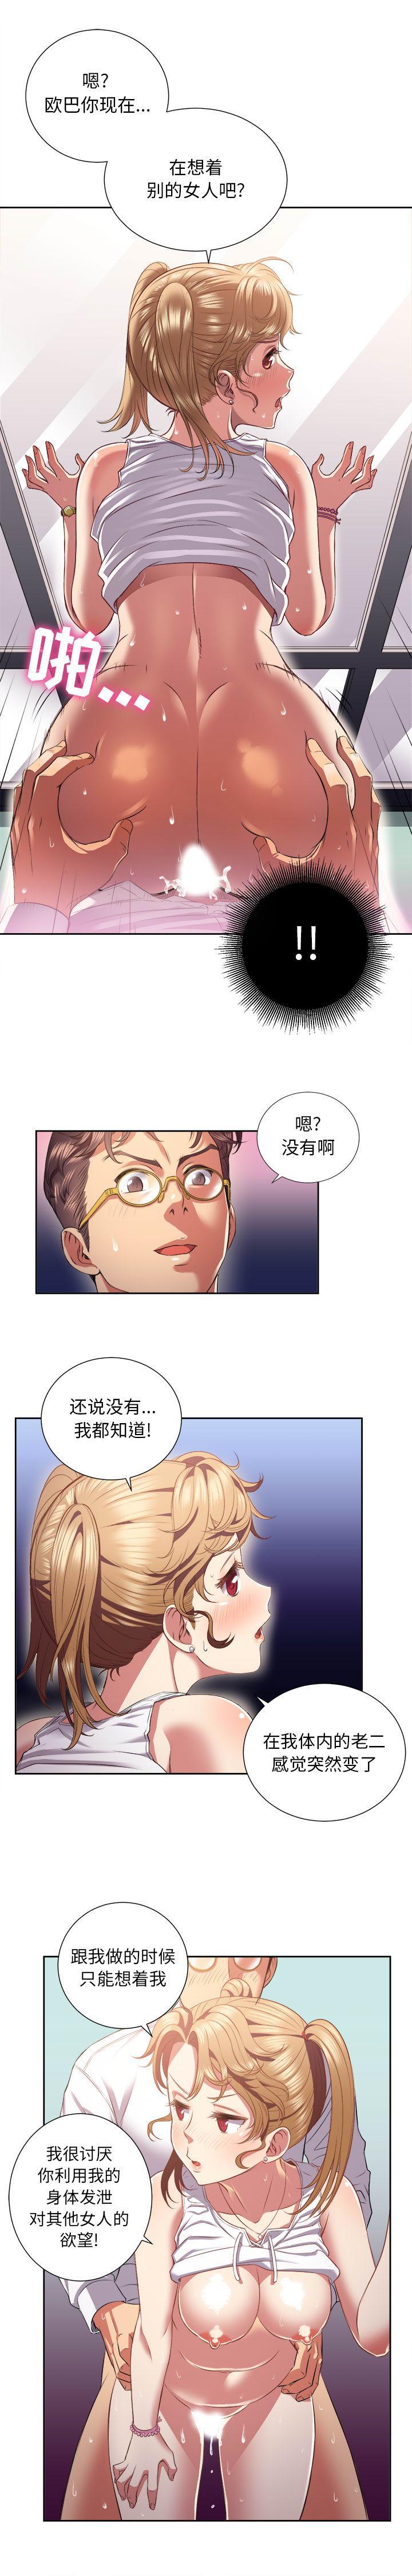 由莉的秘密1-60 中文翻译 (更新中) 111